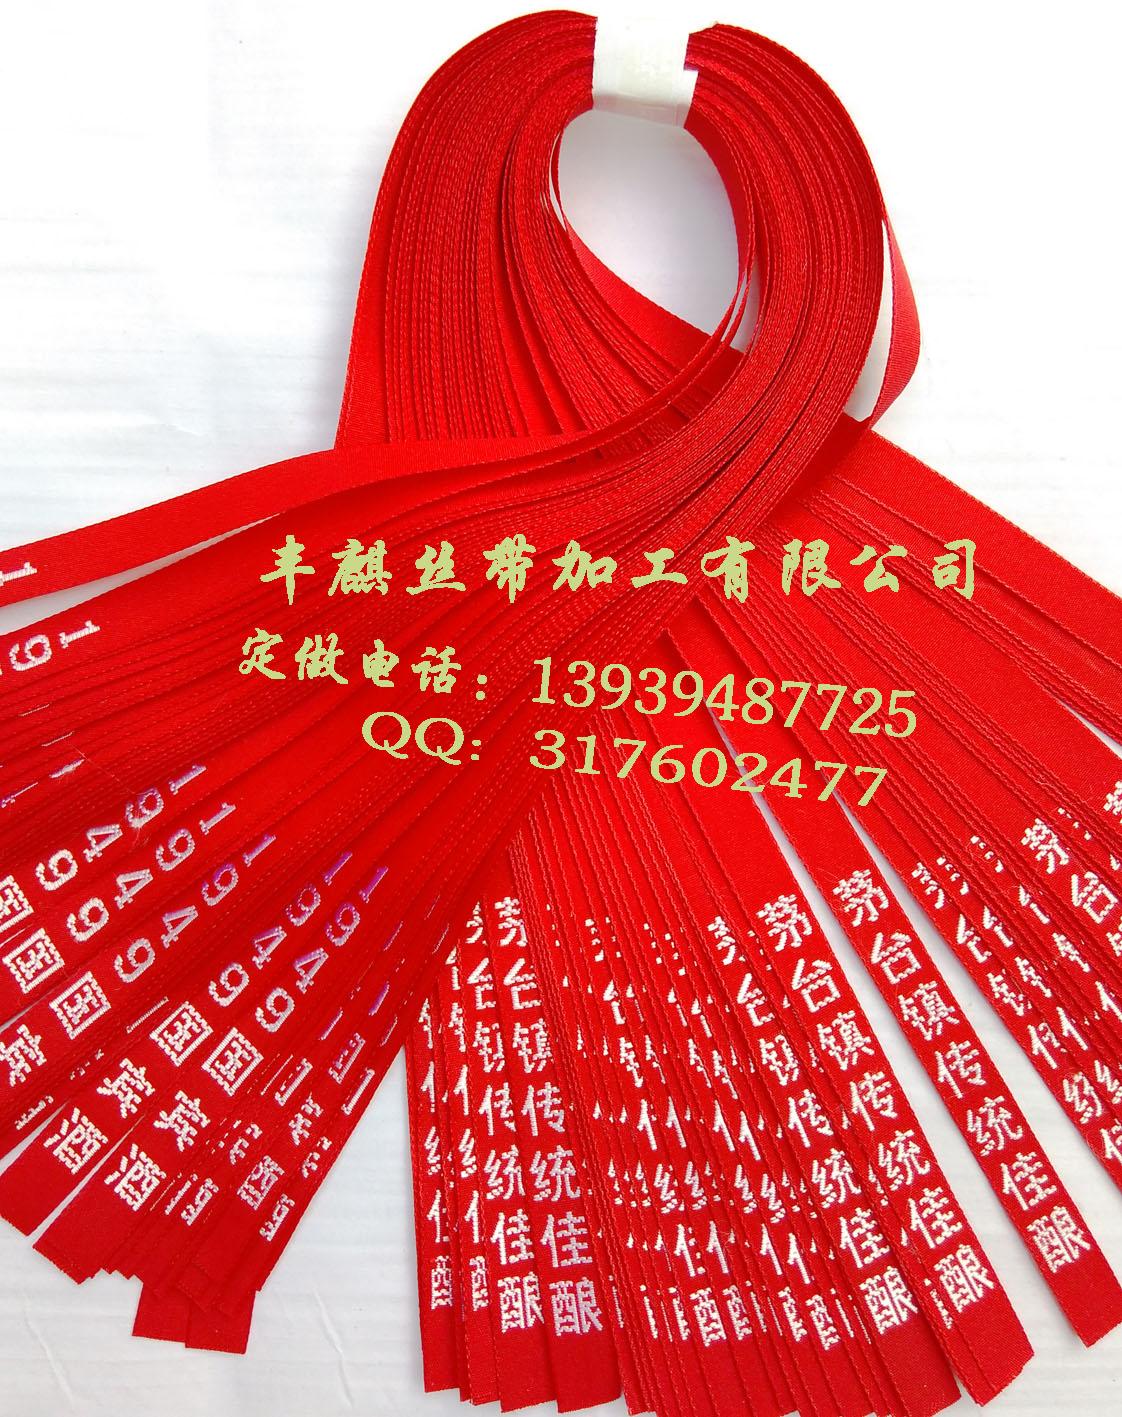 供应用于白酒包装的白酒刺绣丝带,酒瓶丝带